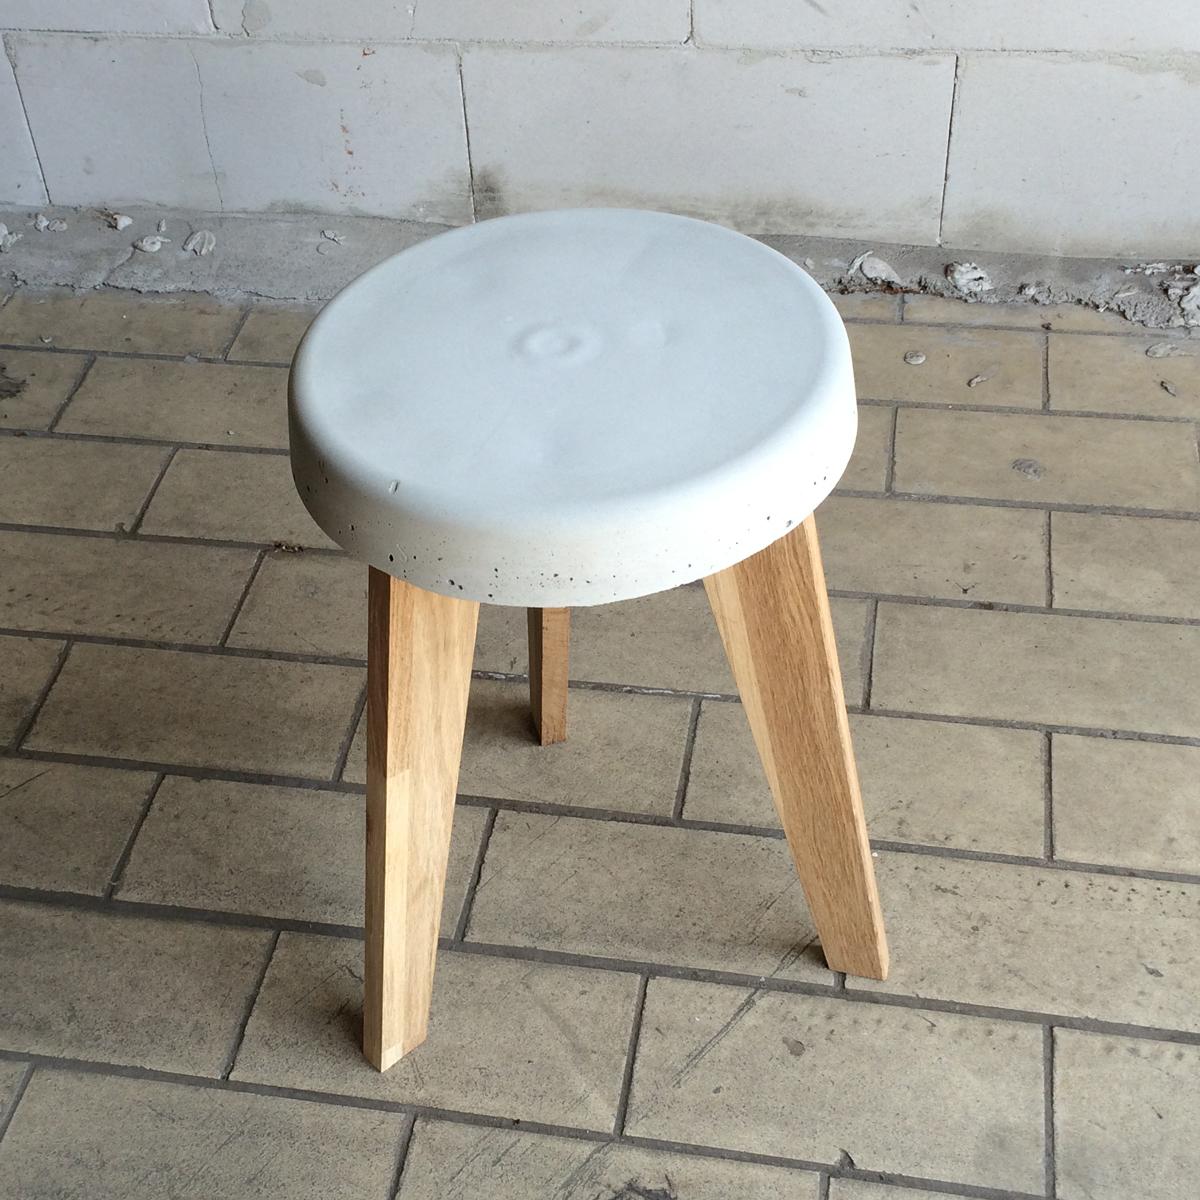 beton-kruk-eiken-poten-1